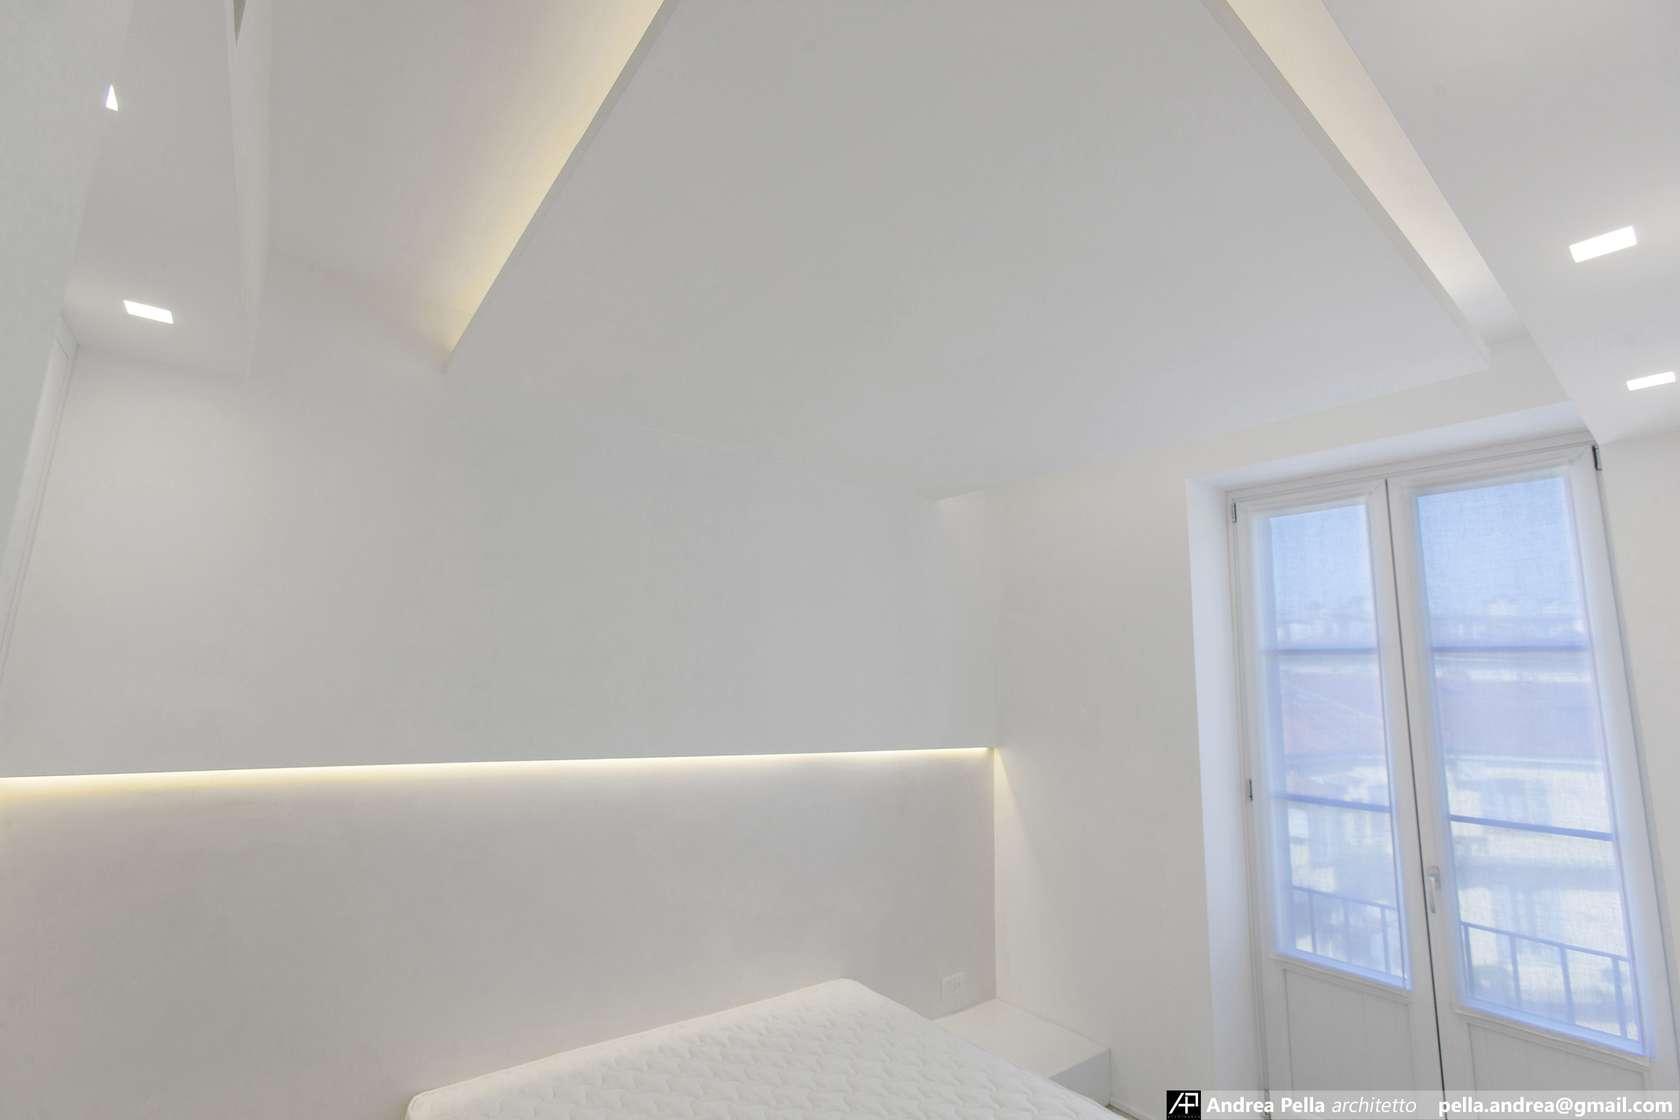 малък апартамент в минималистичен стил - 23